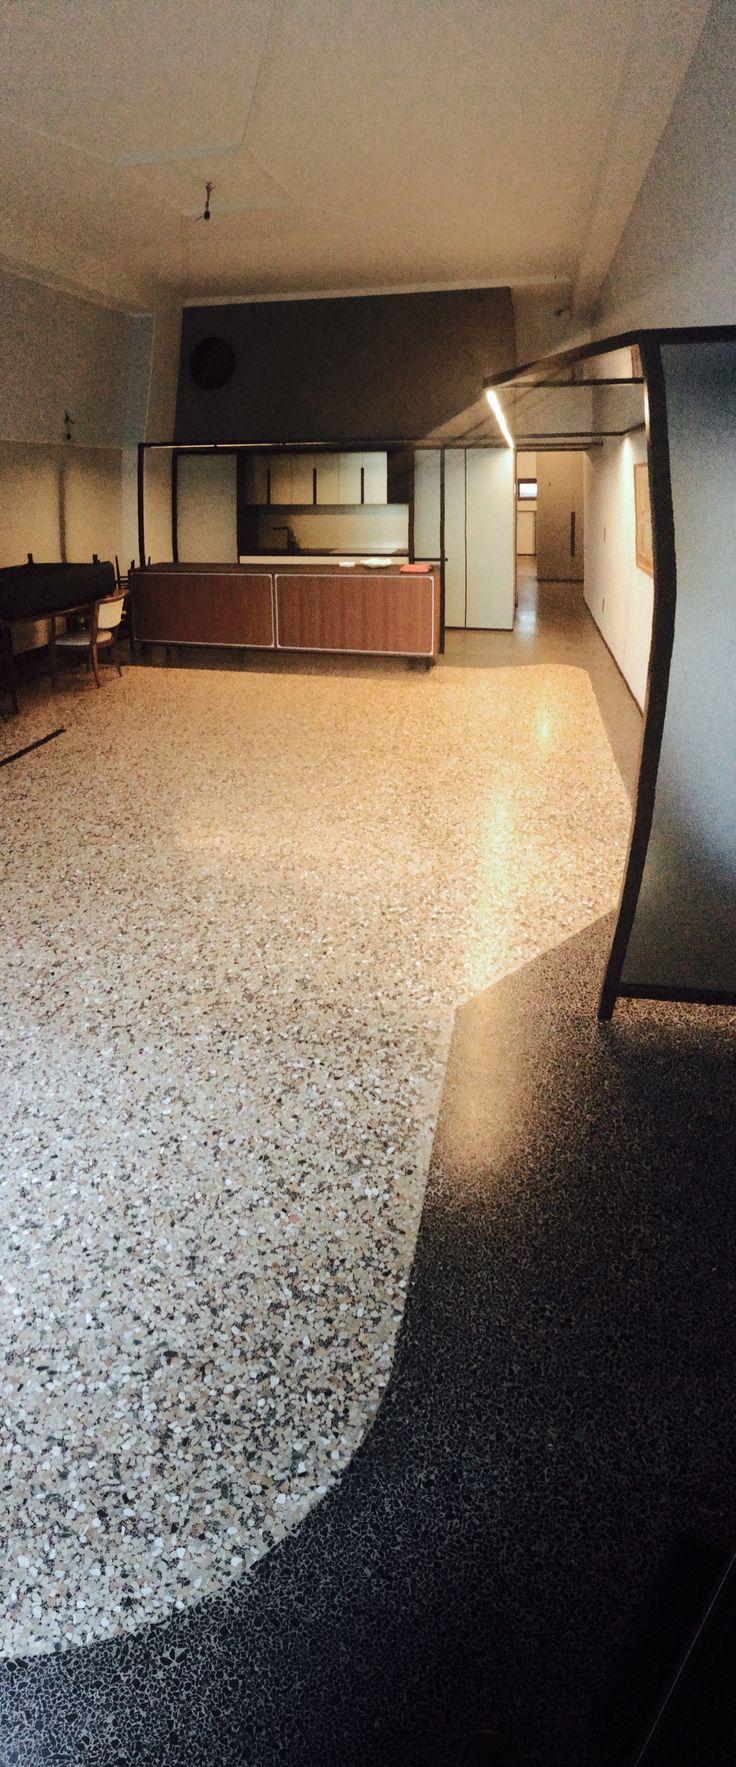 #terrazzofllor private appartament